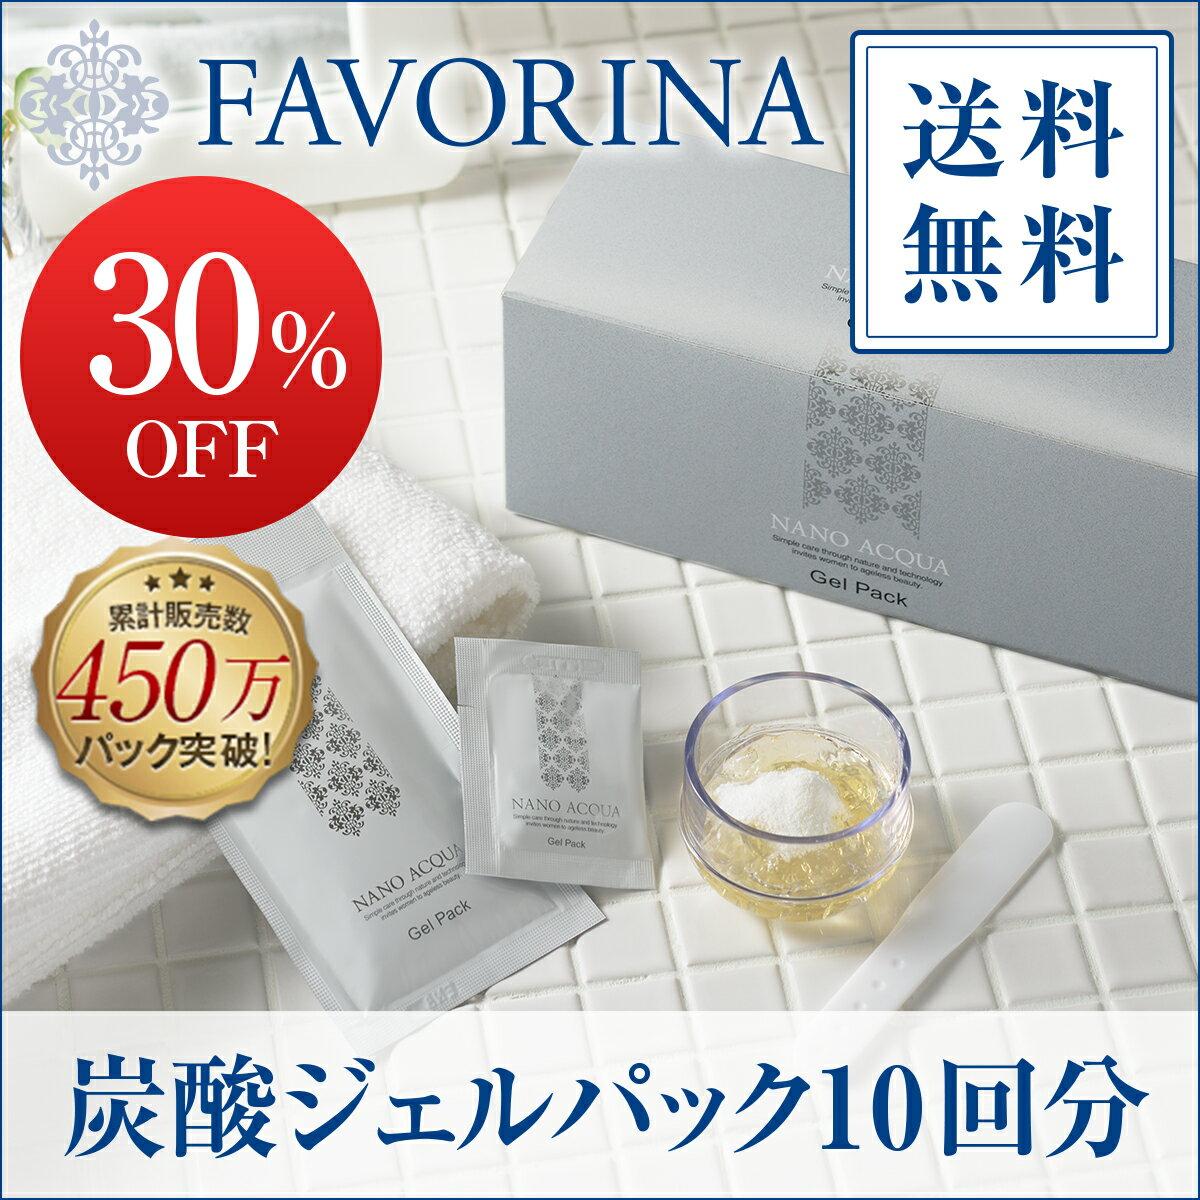 《 30%OFF 》フェヴリナ 炭酸ジェルパック 無添加 10回分 【送料無料】ナノアクア FAVORINA ( Co2 ジェル パック)